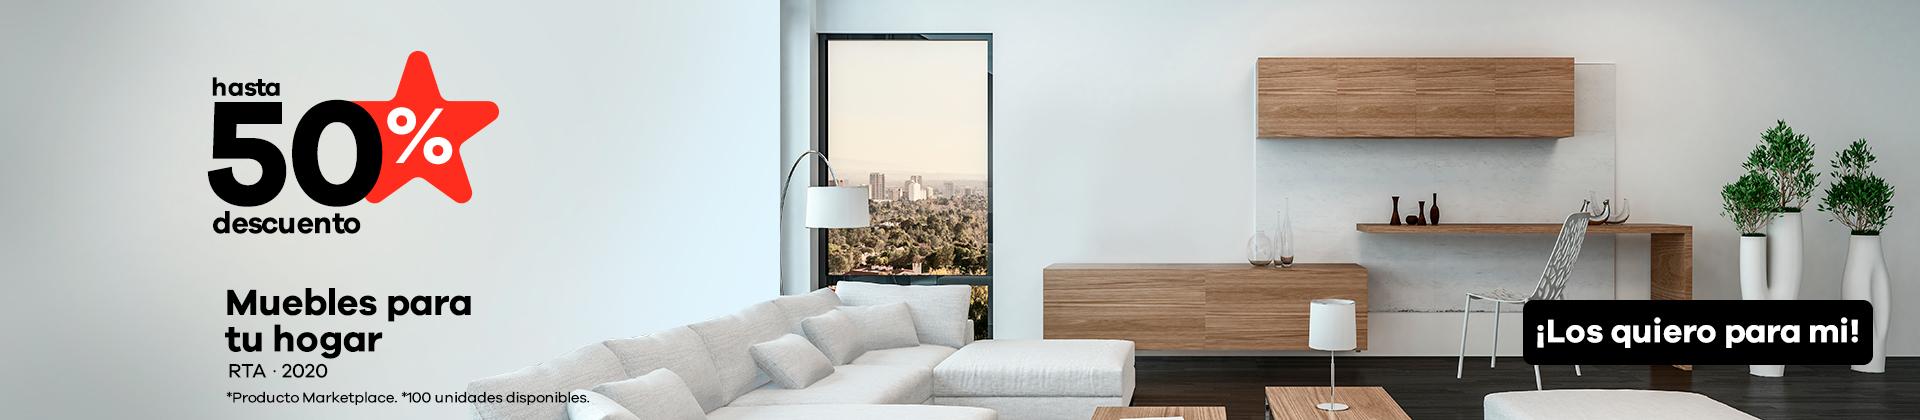 muebles-para-tu-hogar